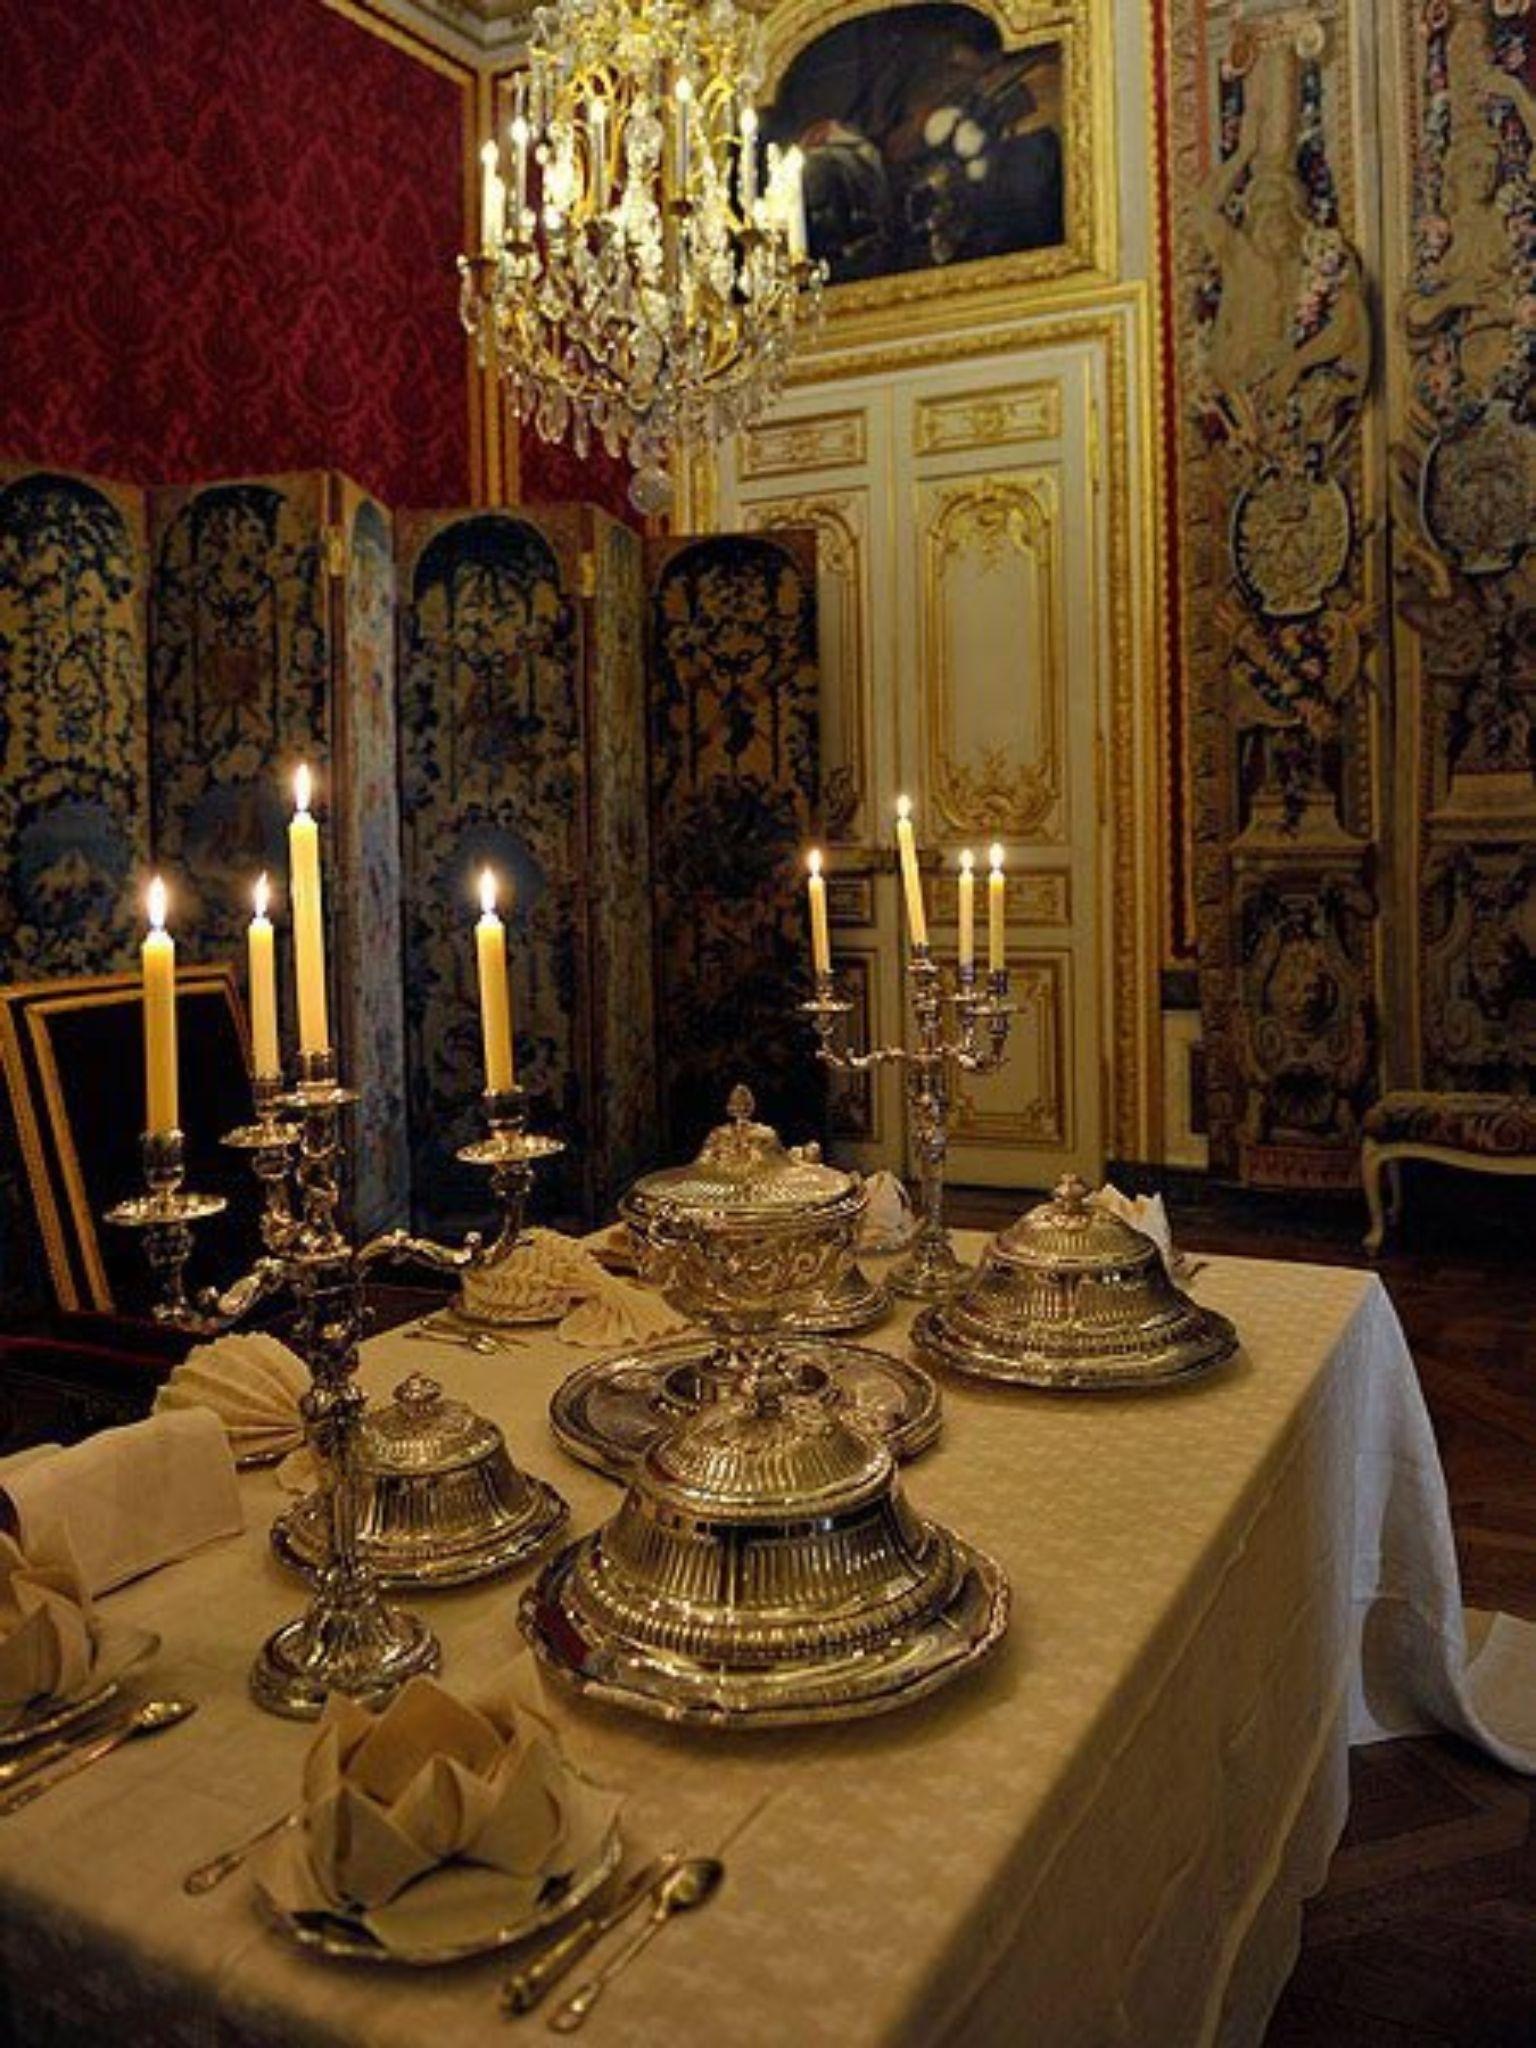 La table du roi louis xvi exhibition at le ch teaux de - La table marseillaise chateau gombert ...